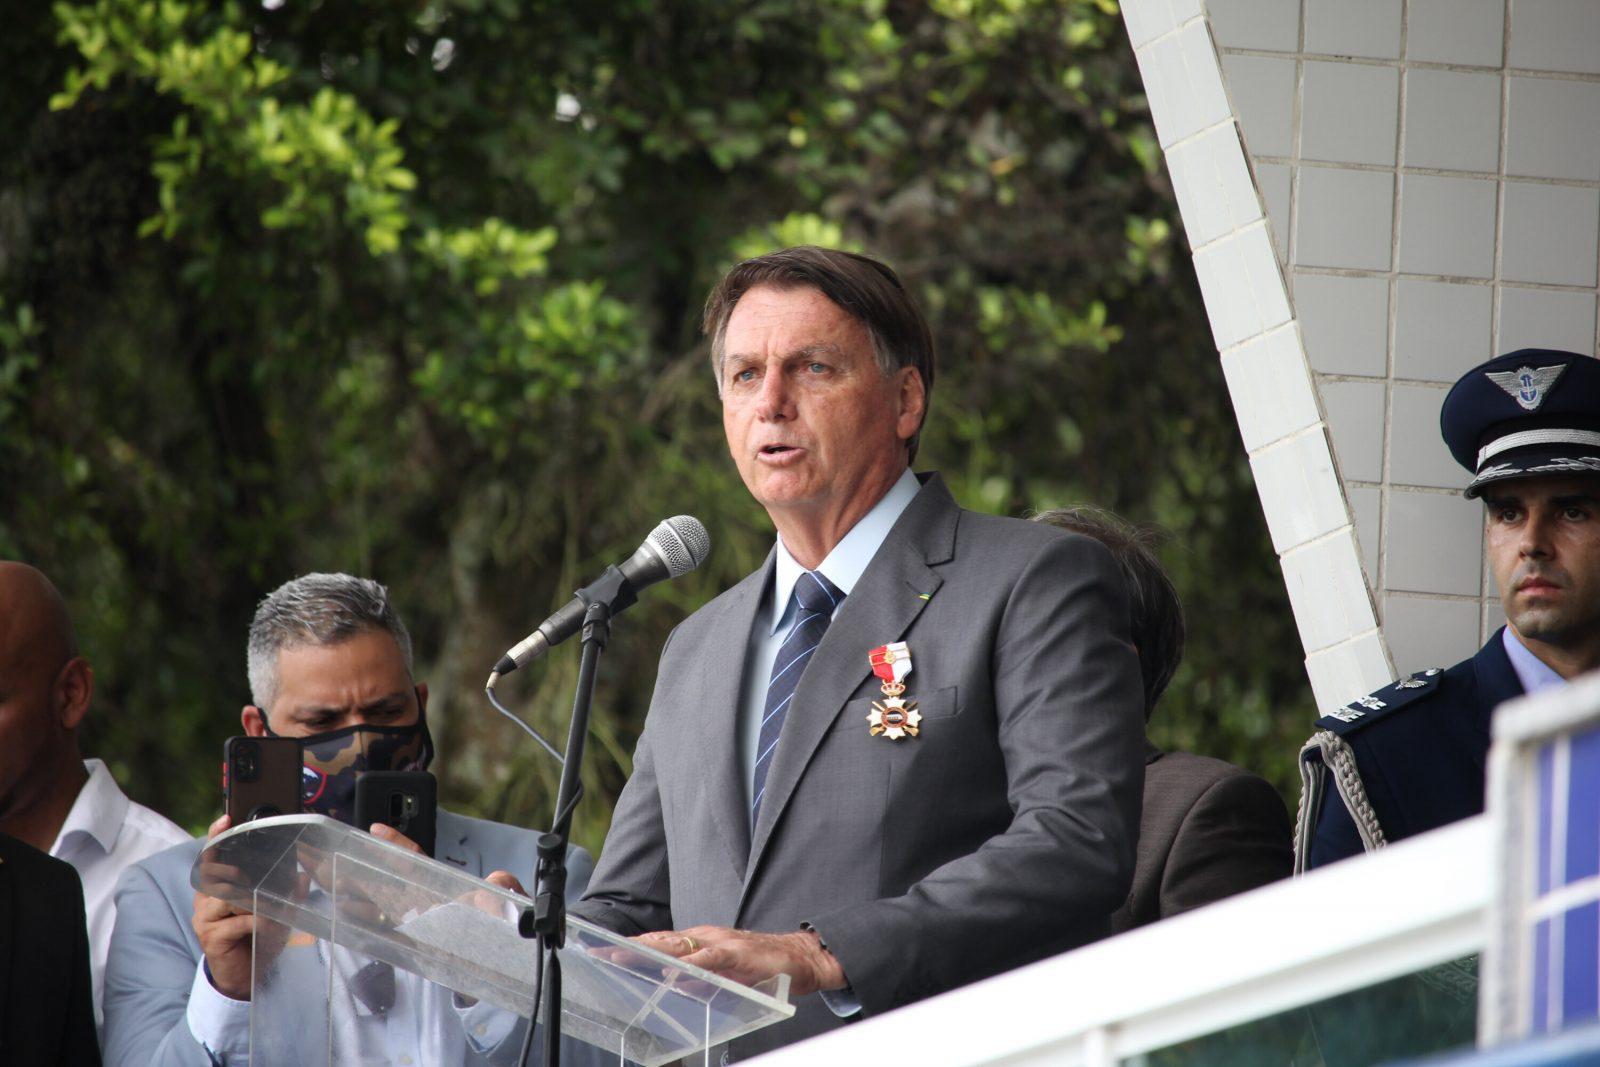 Brasiliens Präsident Jair Messias Bolsonaro muss derzeit keine politische Konkurrenz fürchten Foto: picture alliance / ZUMAPRESS.com | Fausto Maia